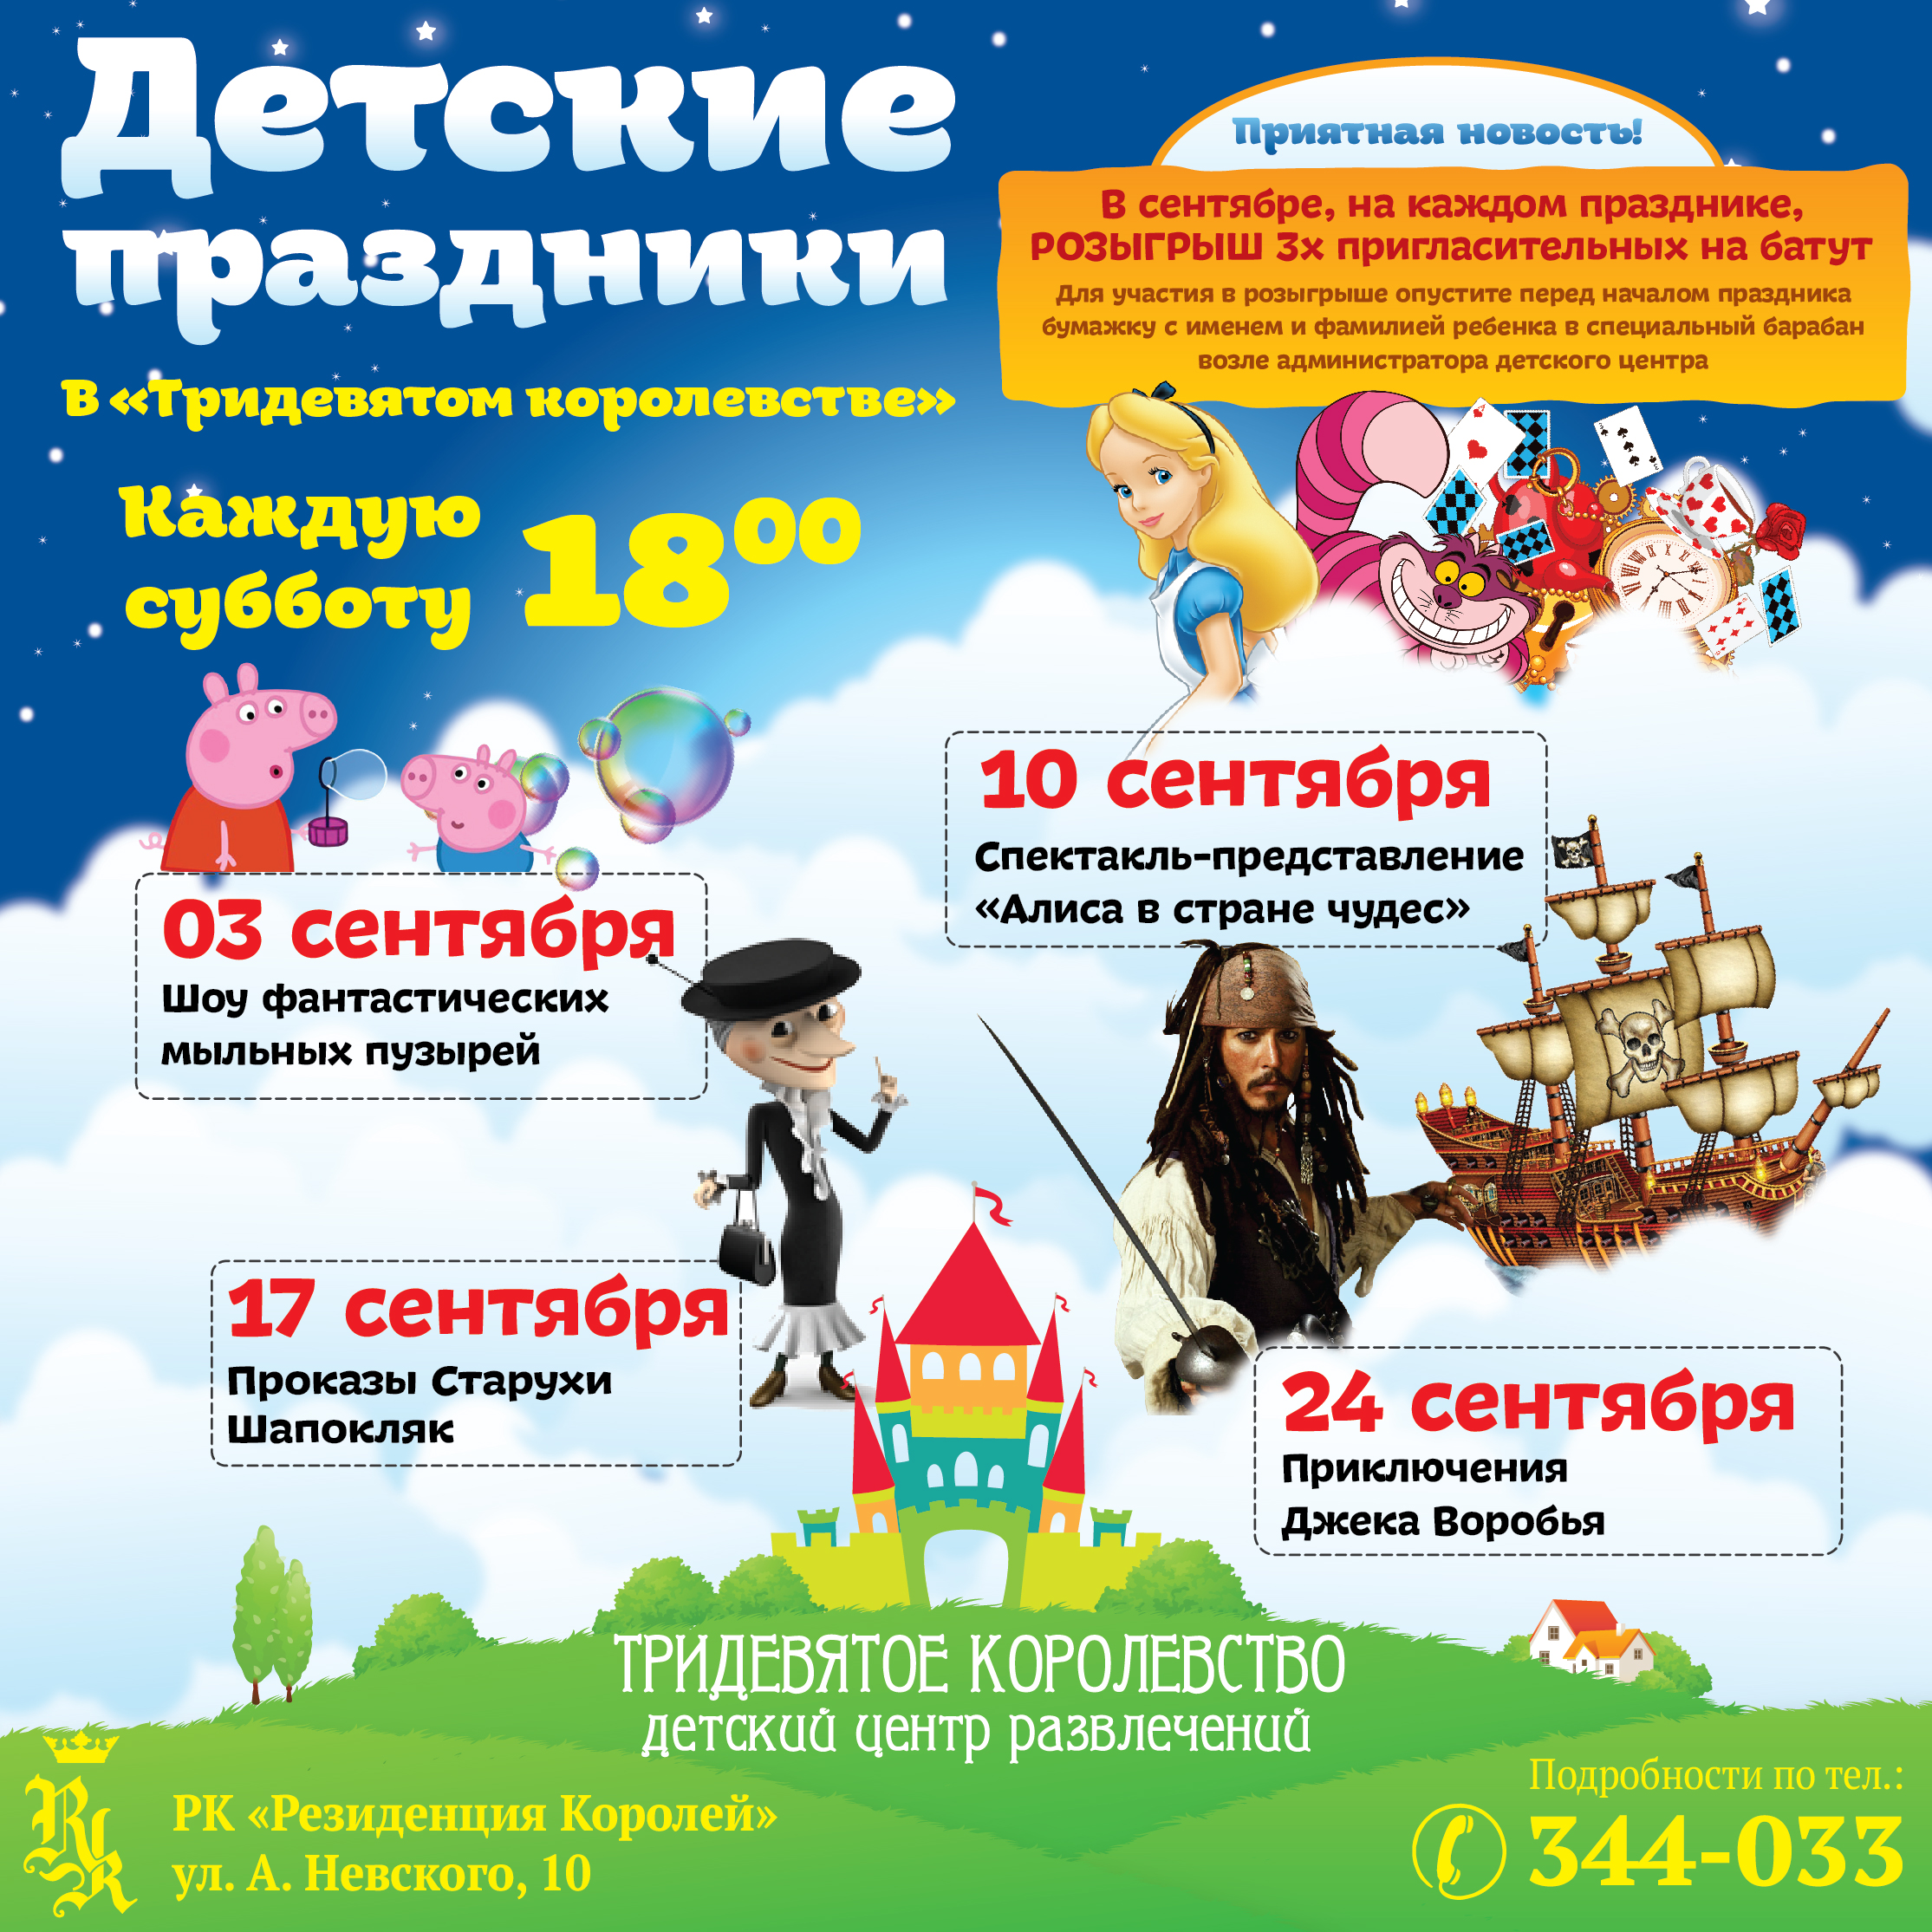 Сценарий фестиваля детских общественных объединений